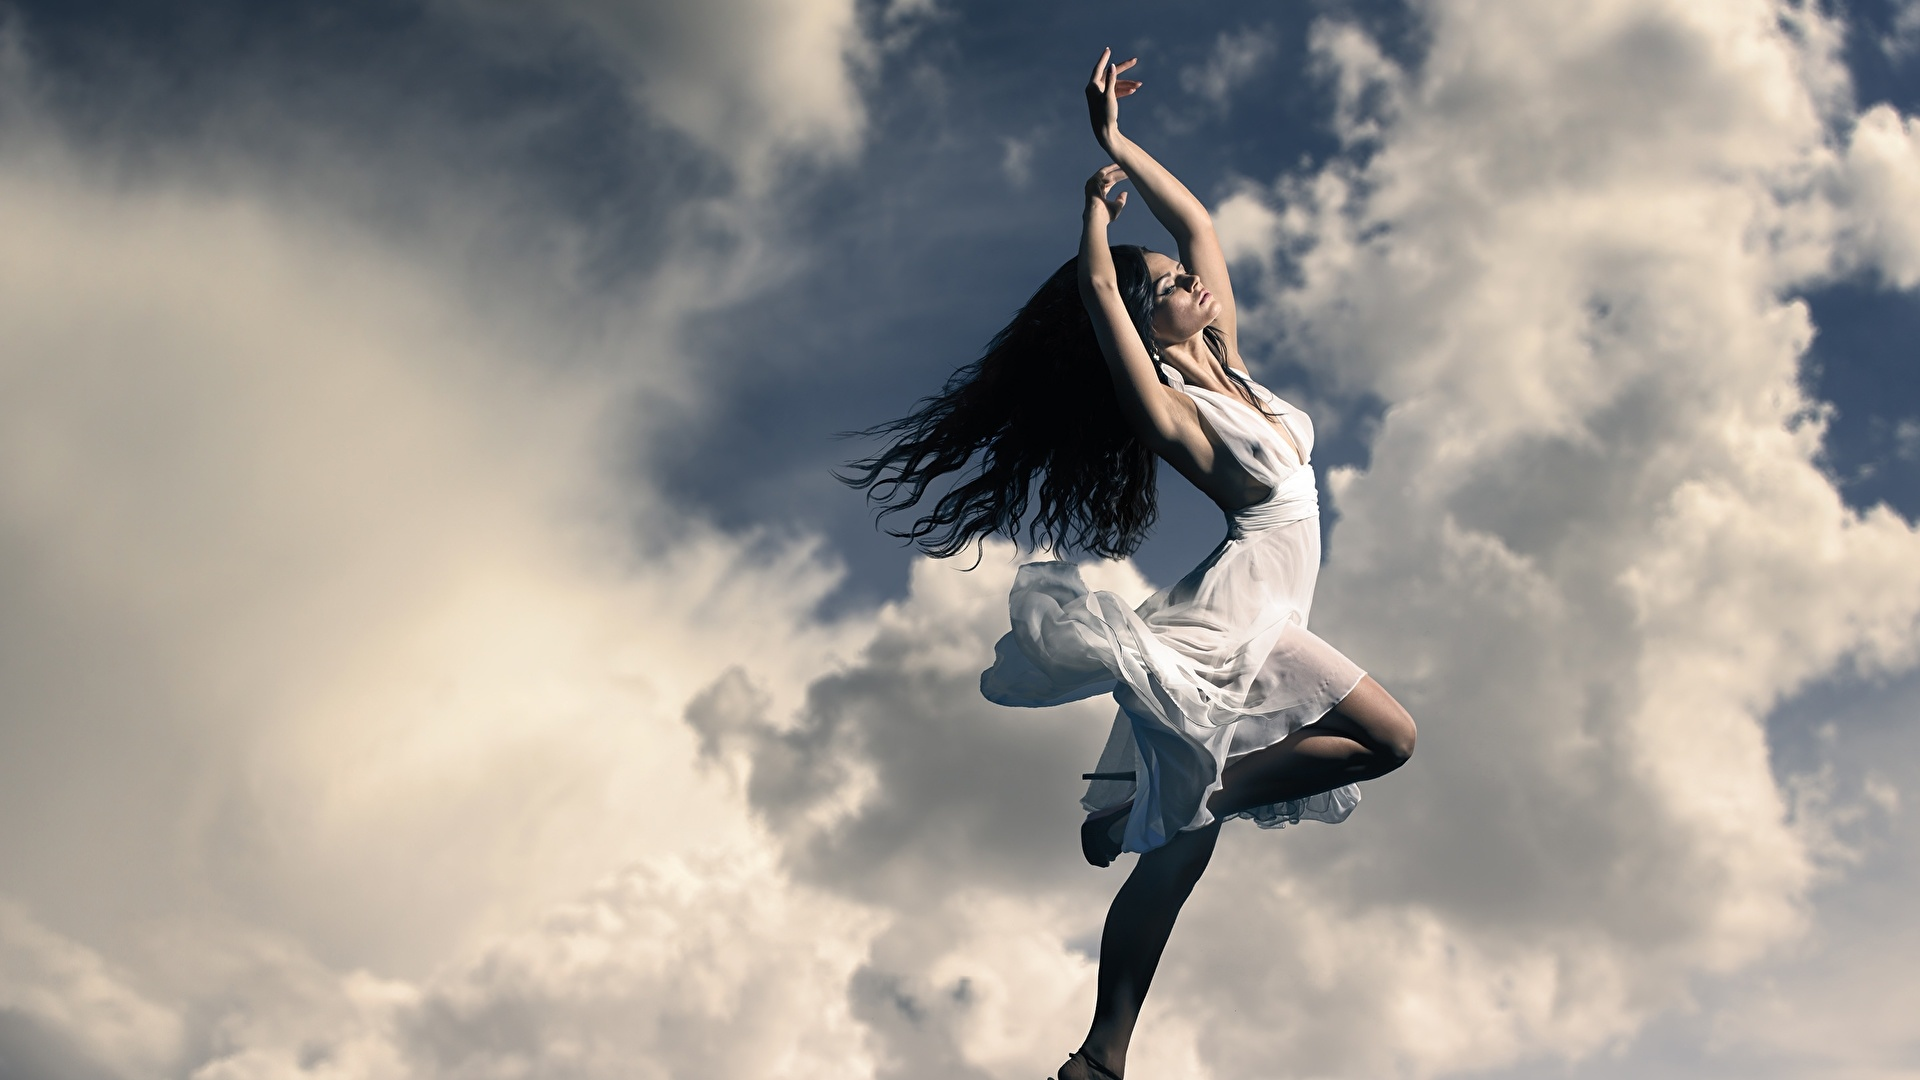 Flying Girl Background